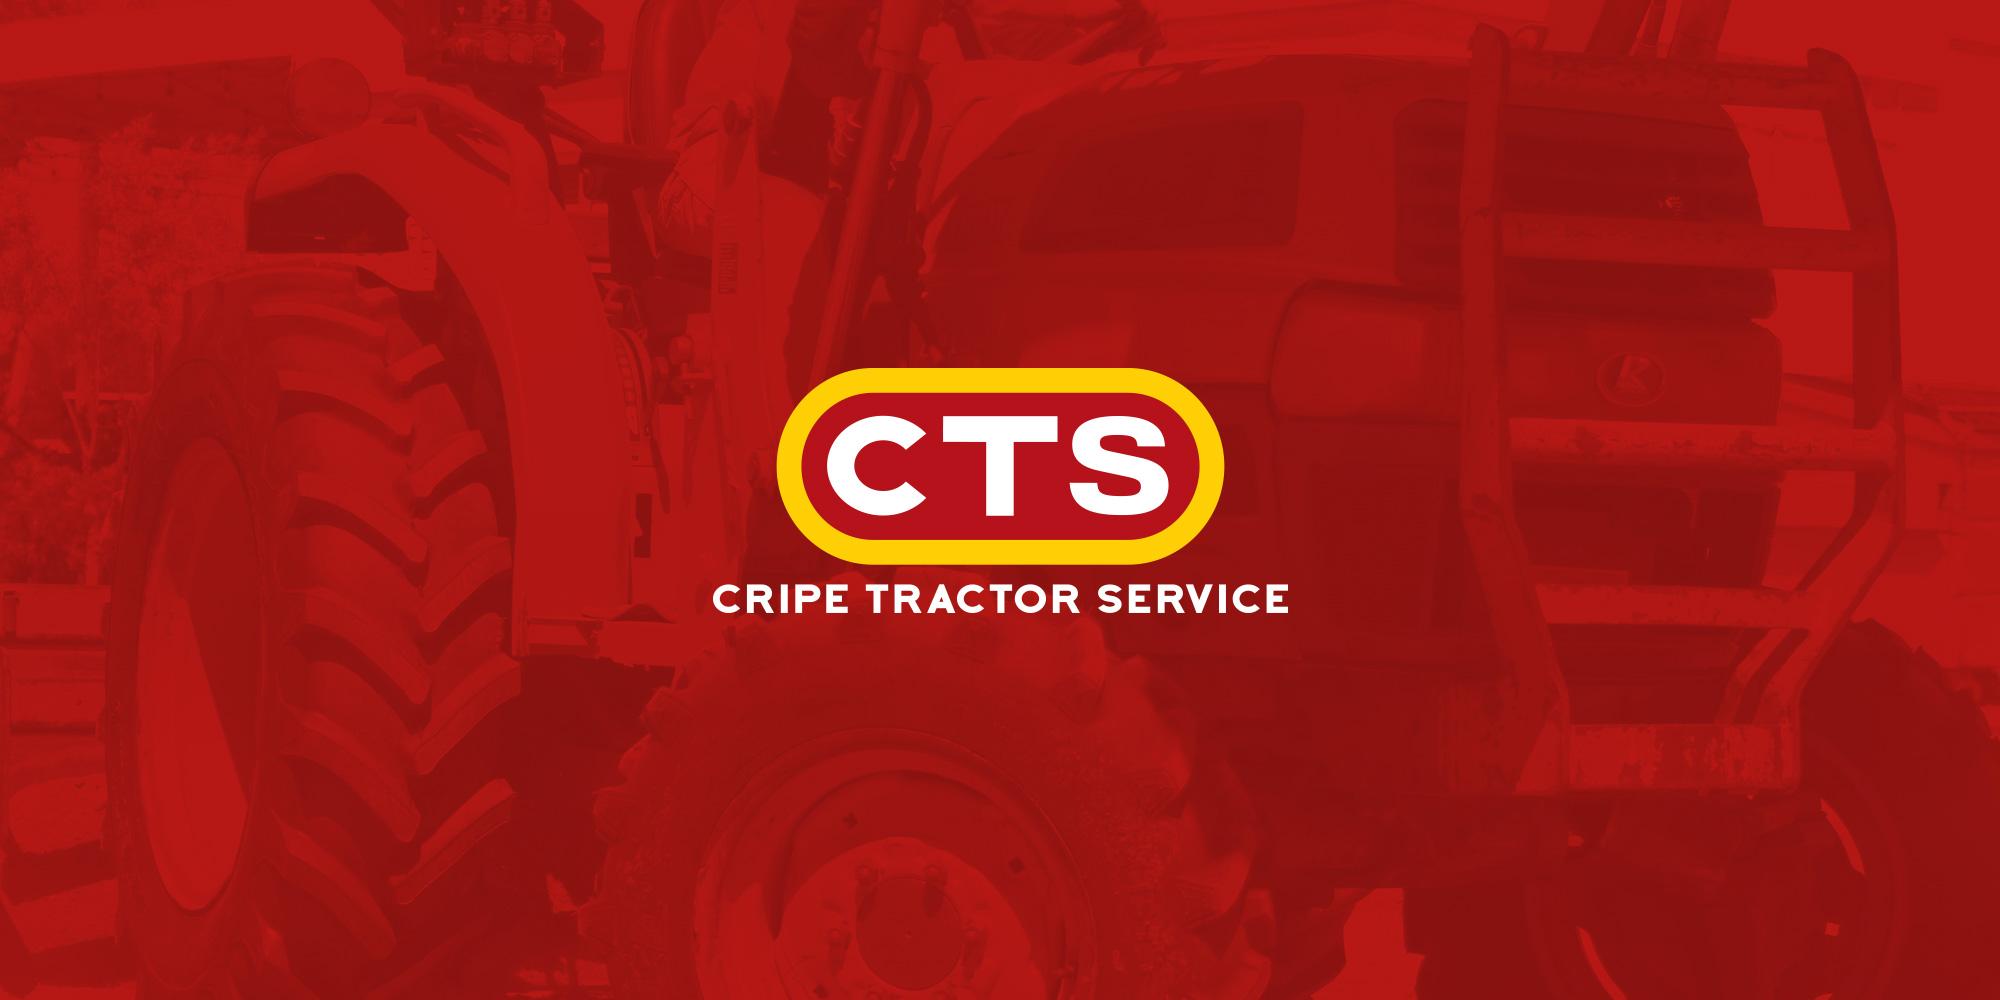 Cripe Tractor Service